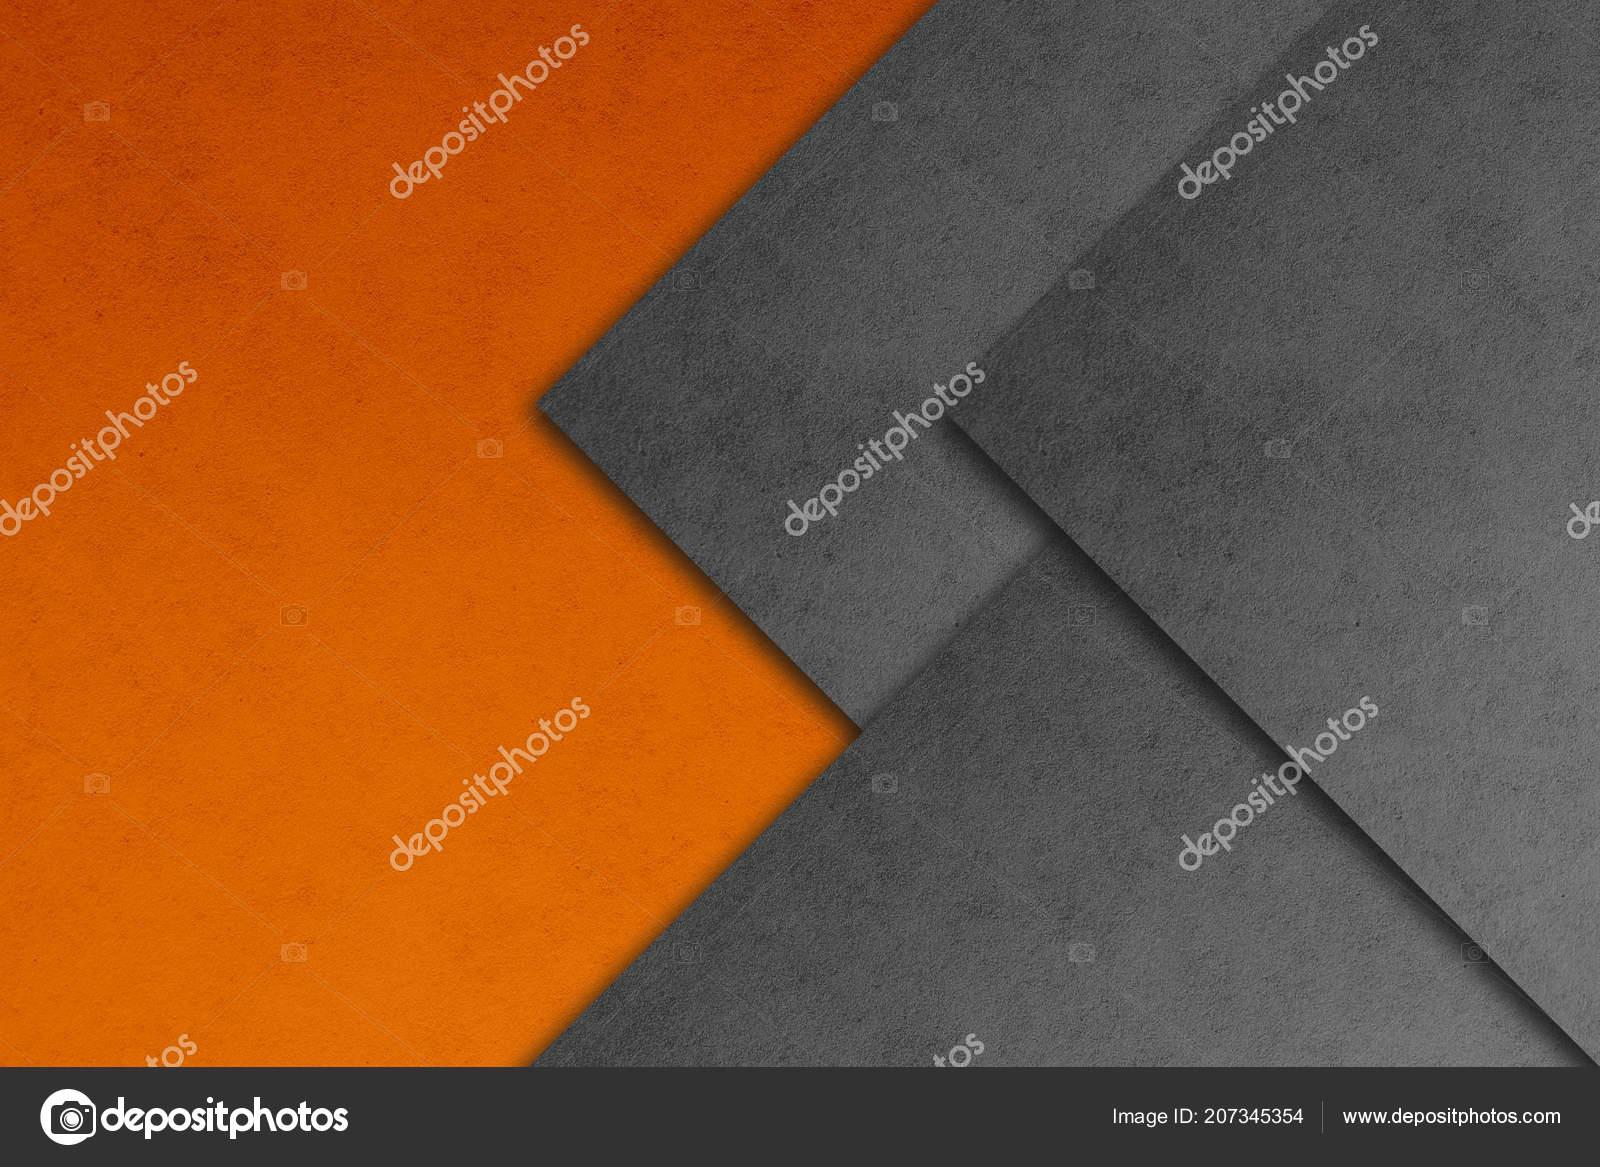 Material Design Wallpaper Real Paper Texture Gray Orange